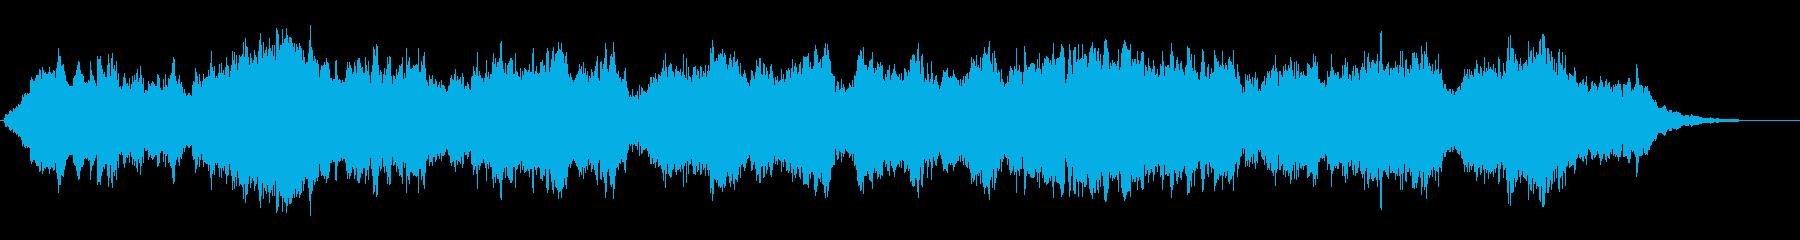 木管アンサンブルによるポップスの再生済みの波形